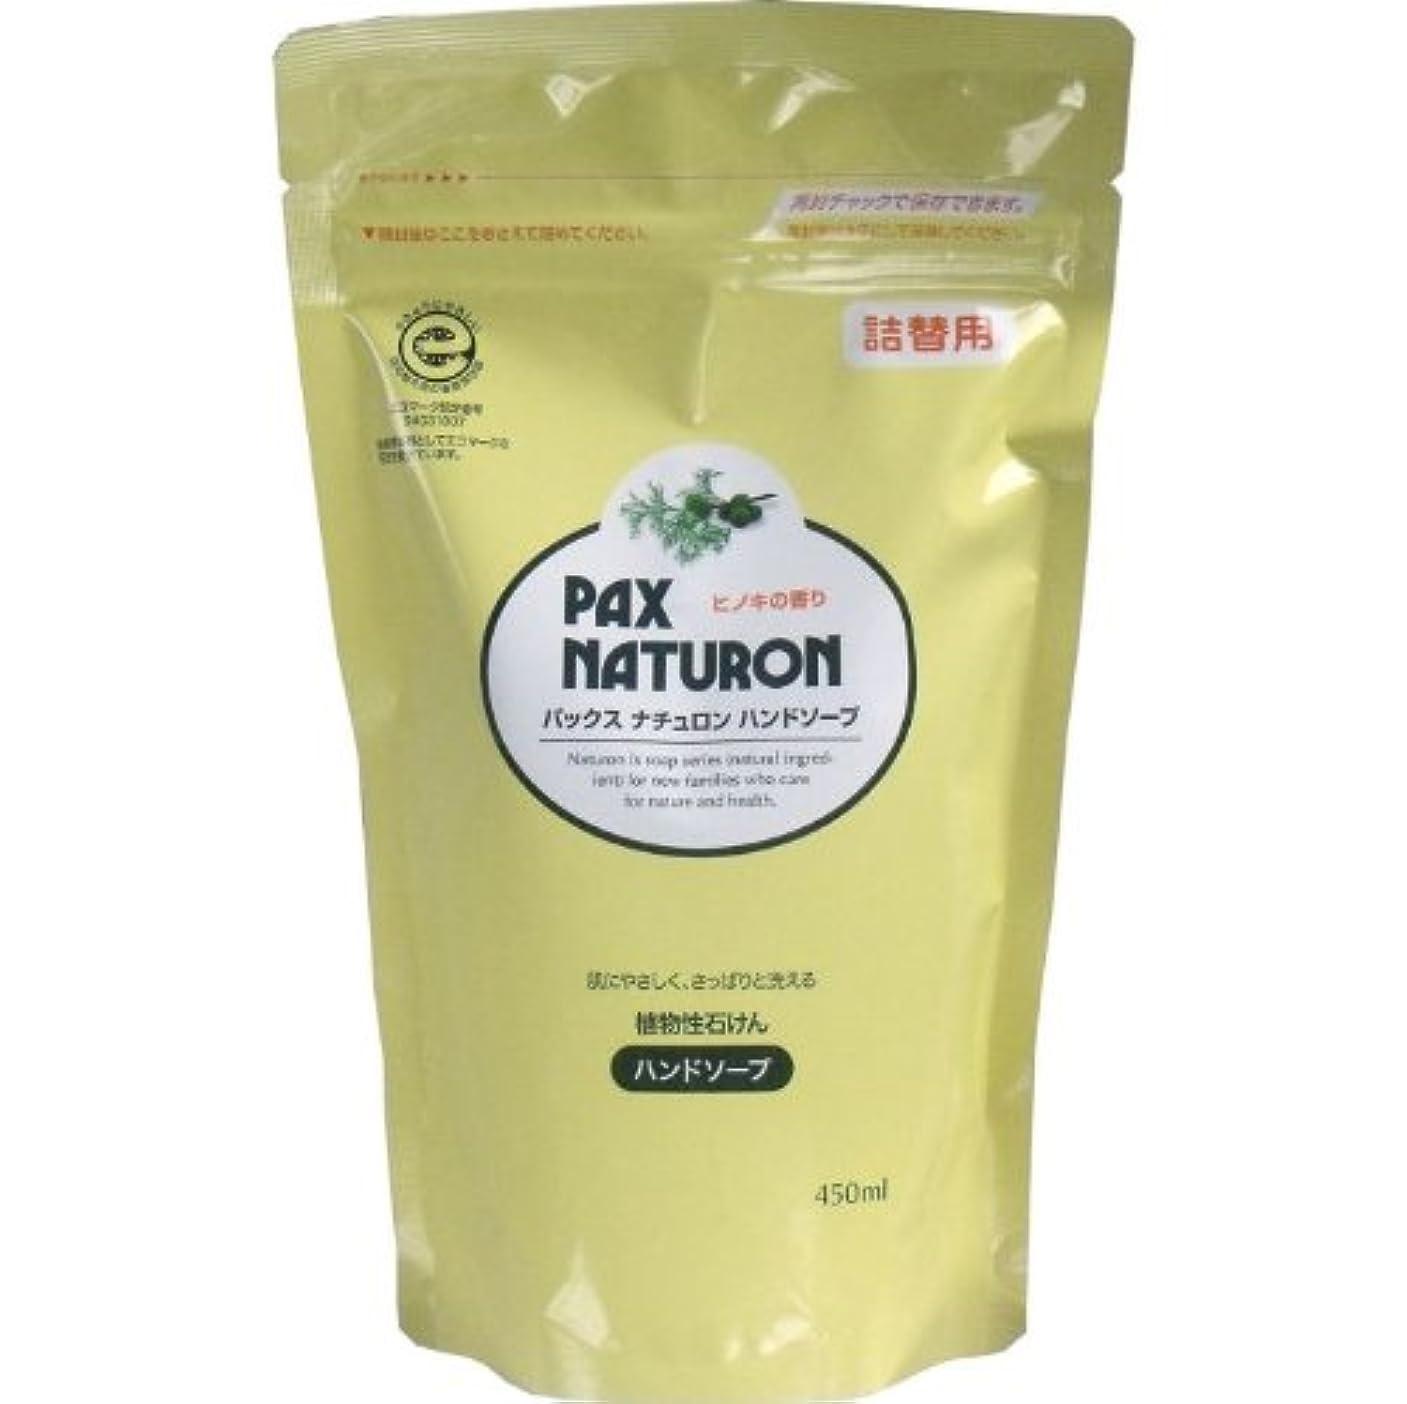 アシスタント静脈確保する肌にやさしく、さっぱりと洗える植物性石けん!植物性ハンドソープ 詰替用 450mL